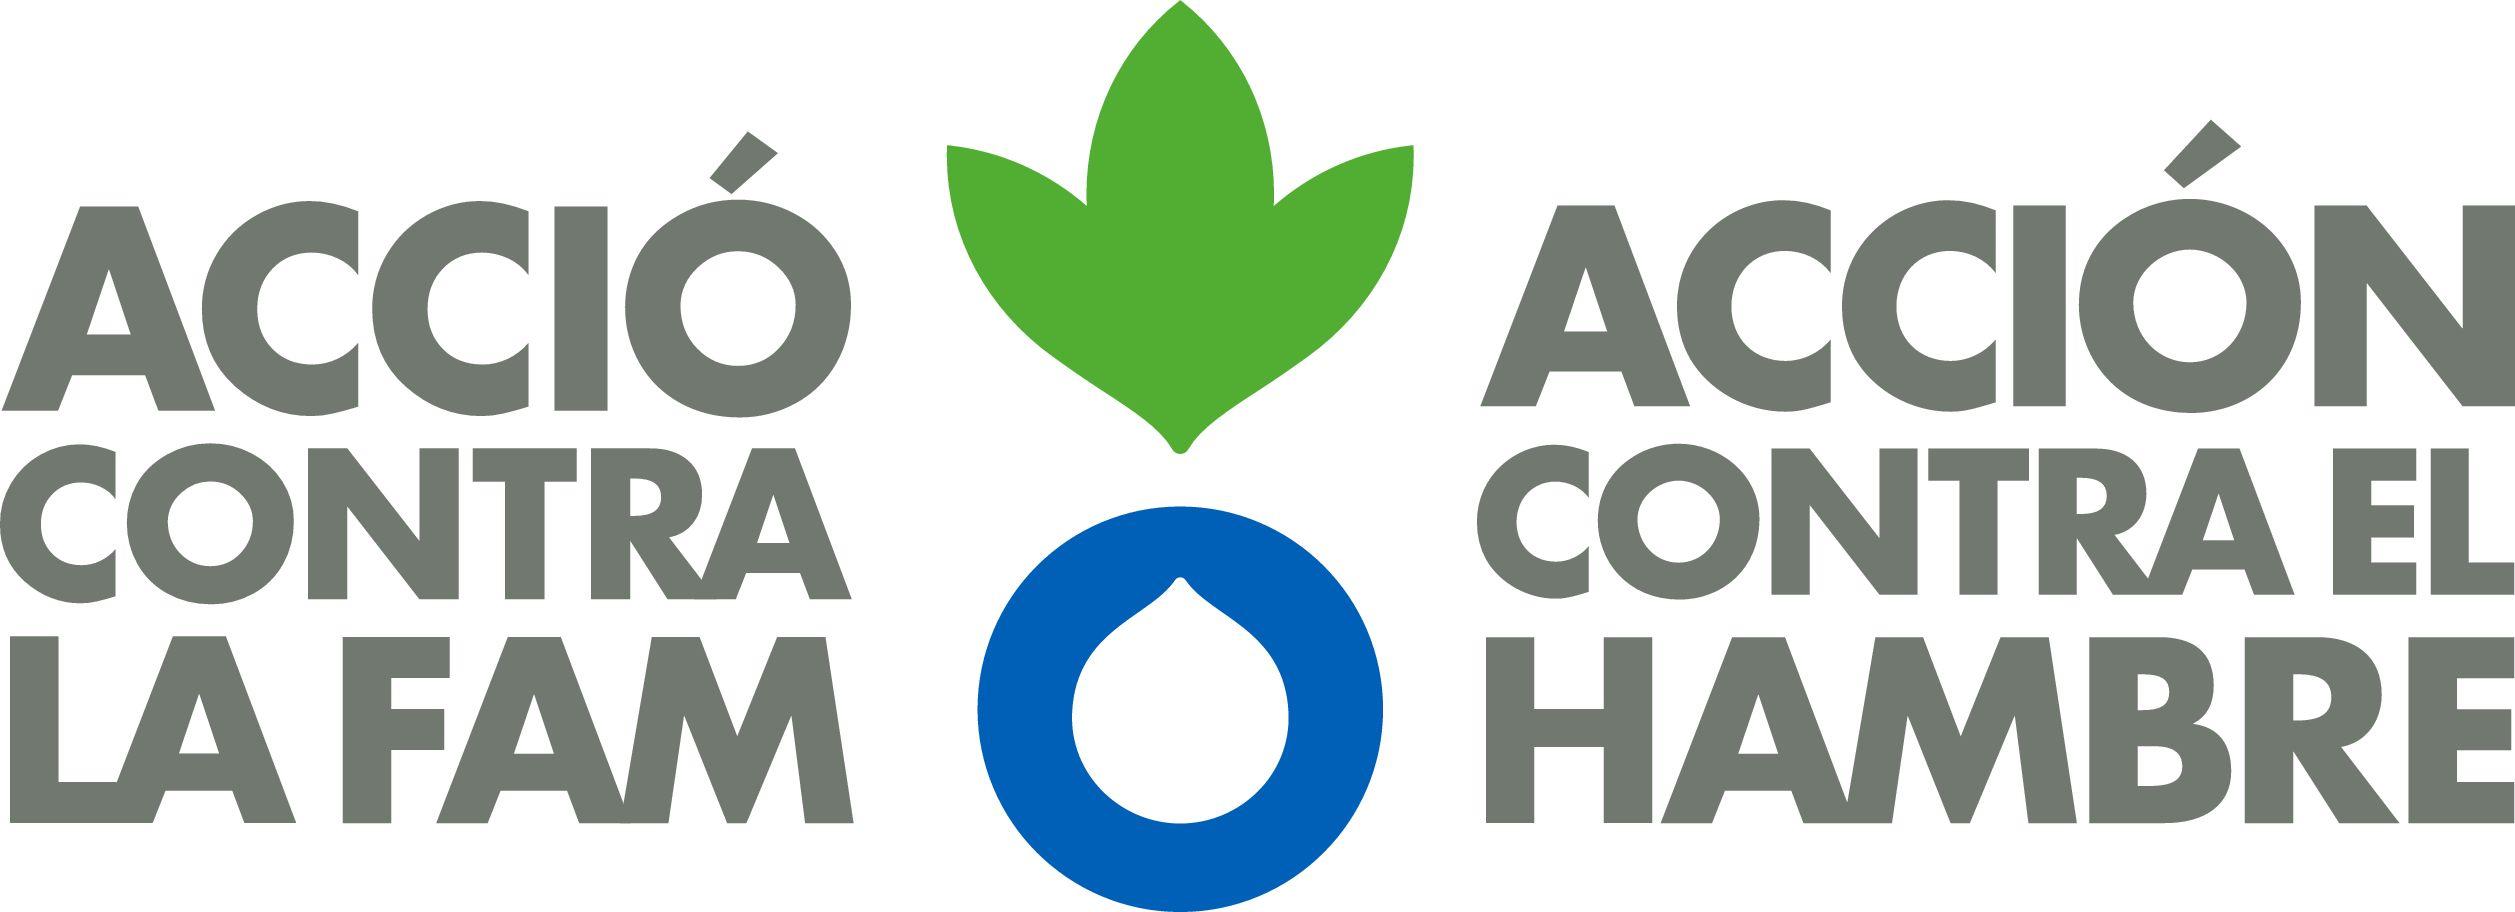 Logotip d'Acció contra la Fam